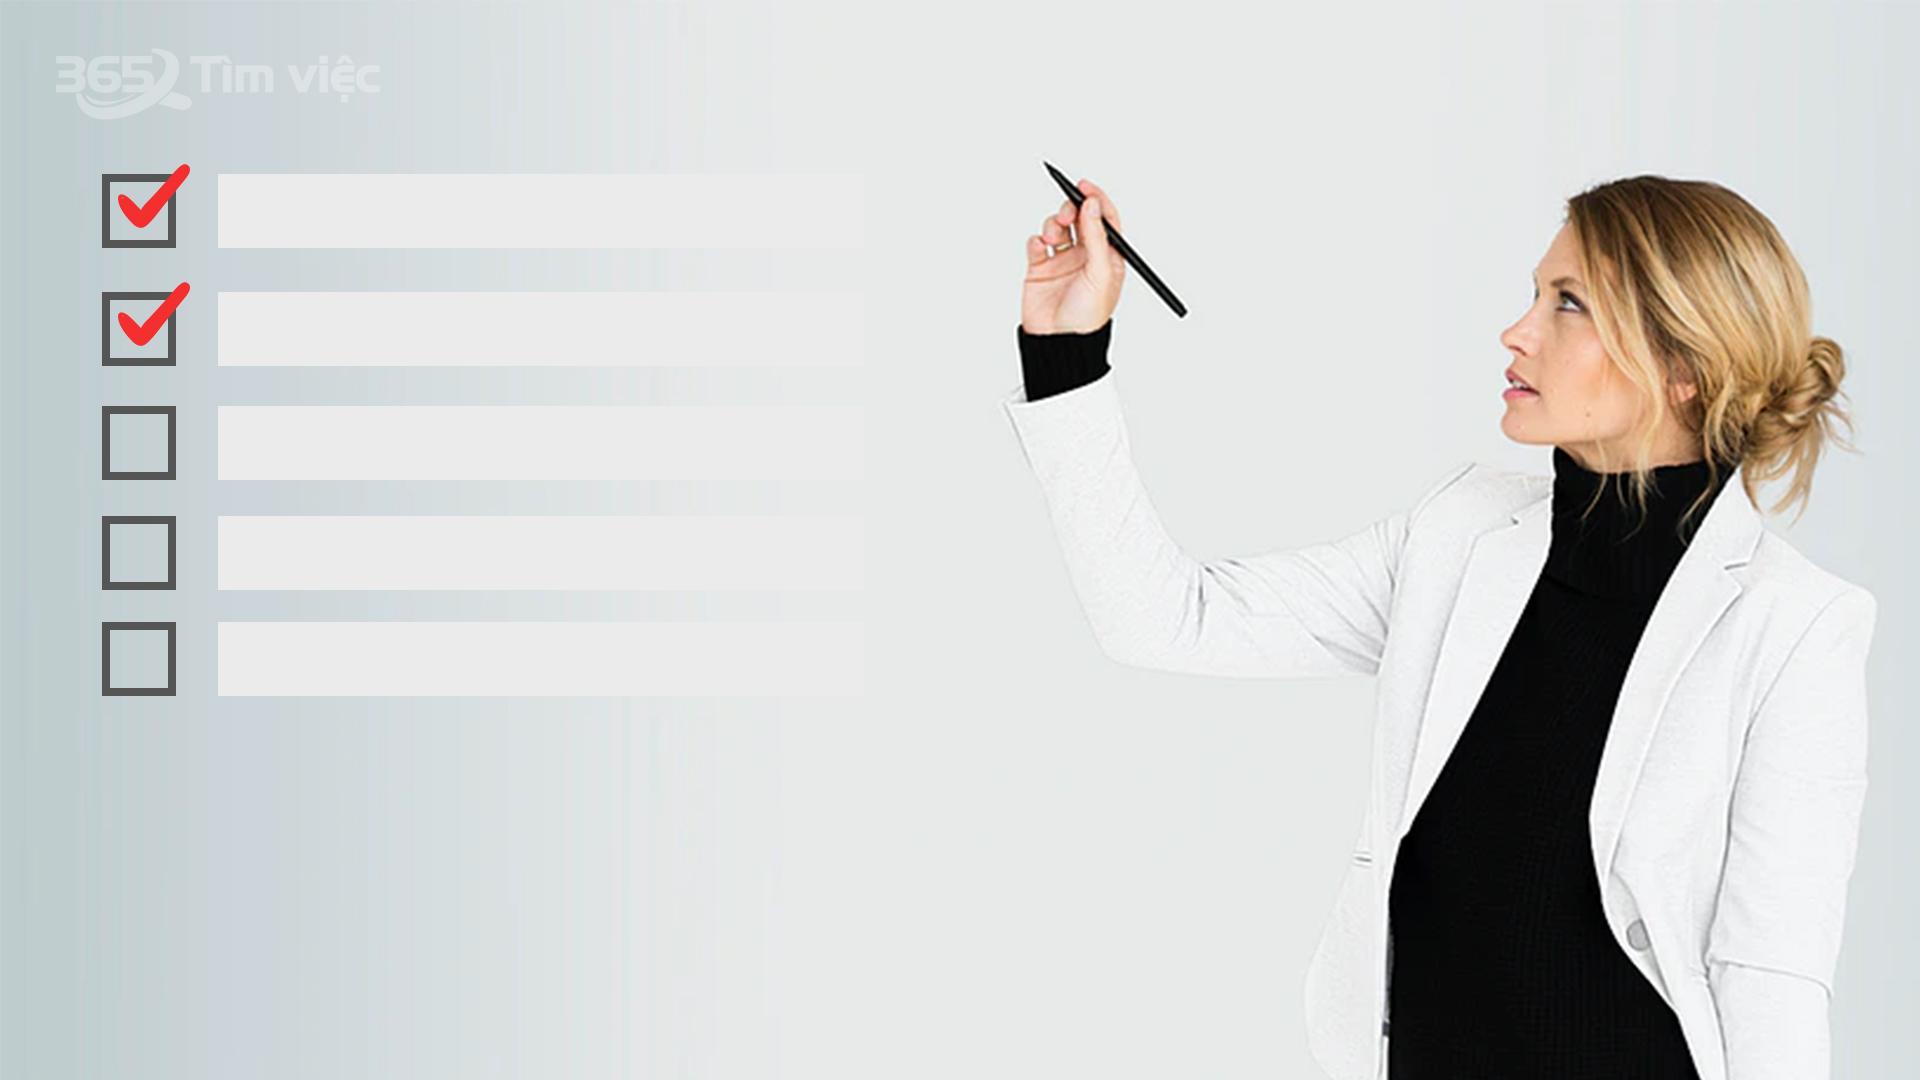 CV giám sát bán hàng có vai trò rất quan trọng khi đi xin việc